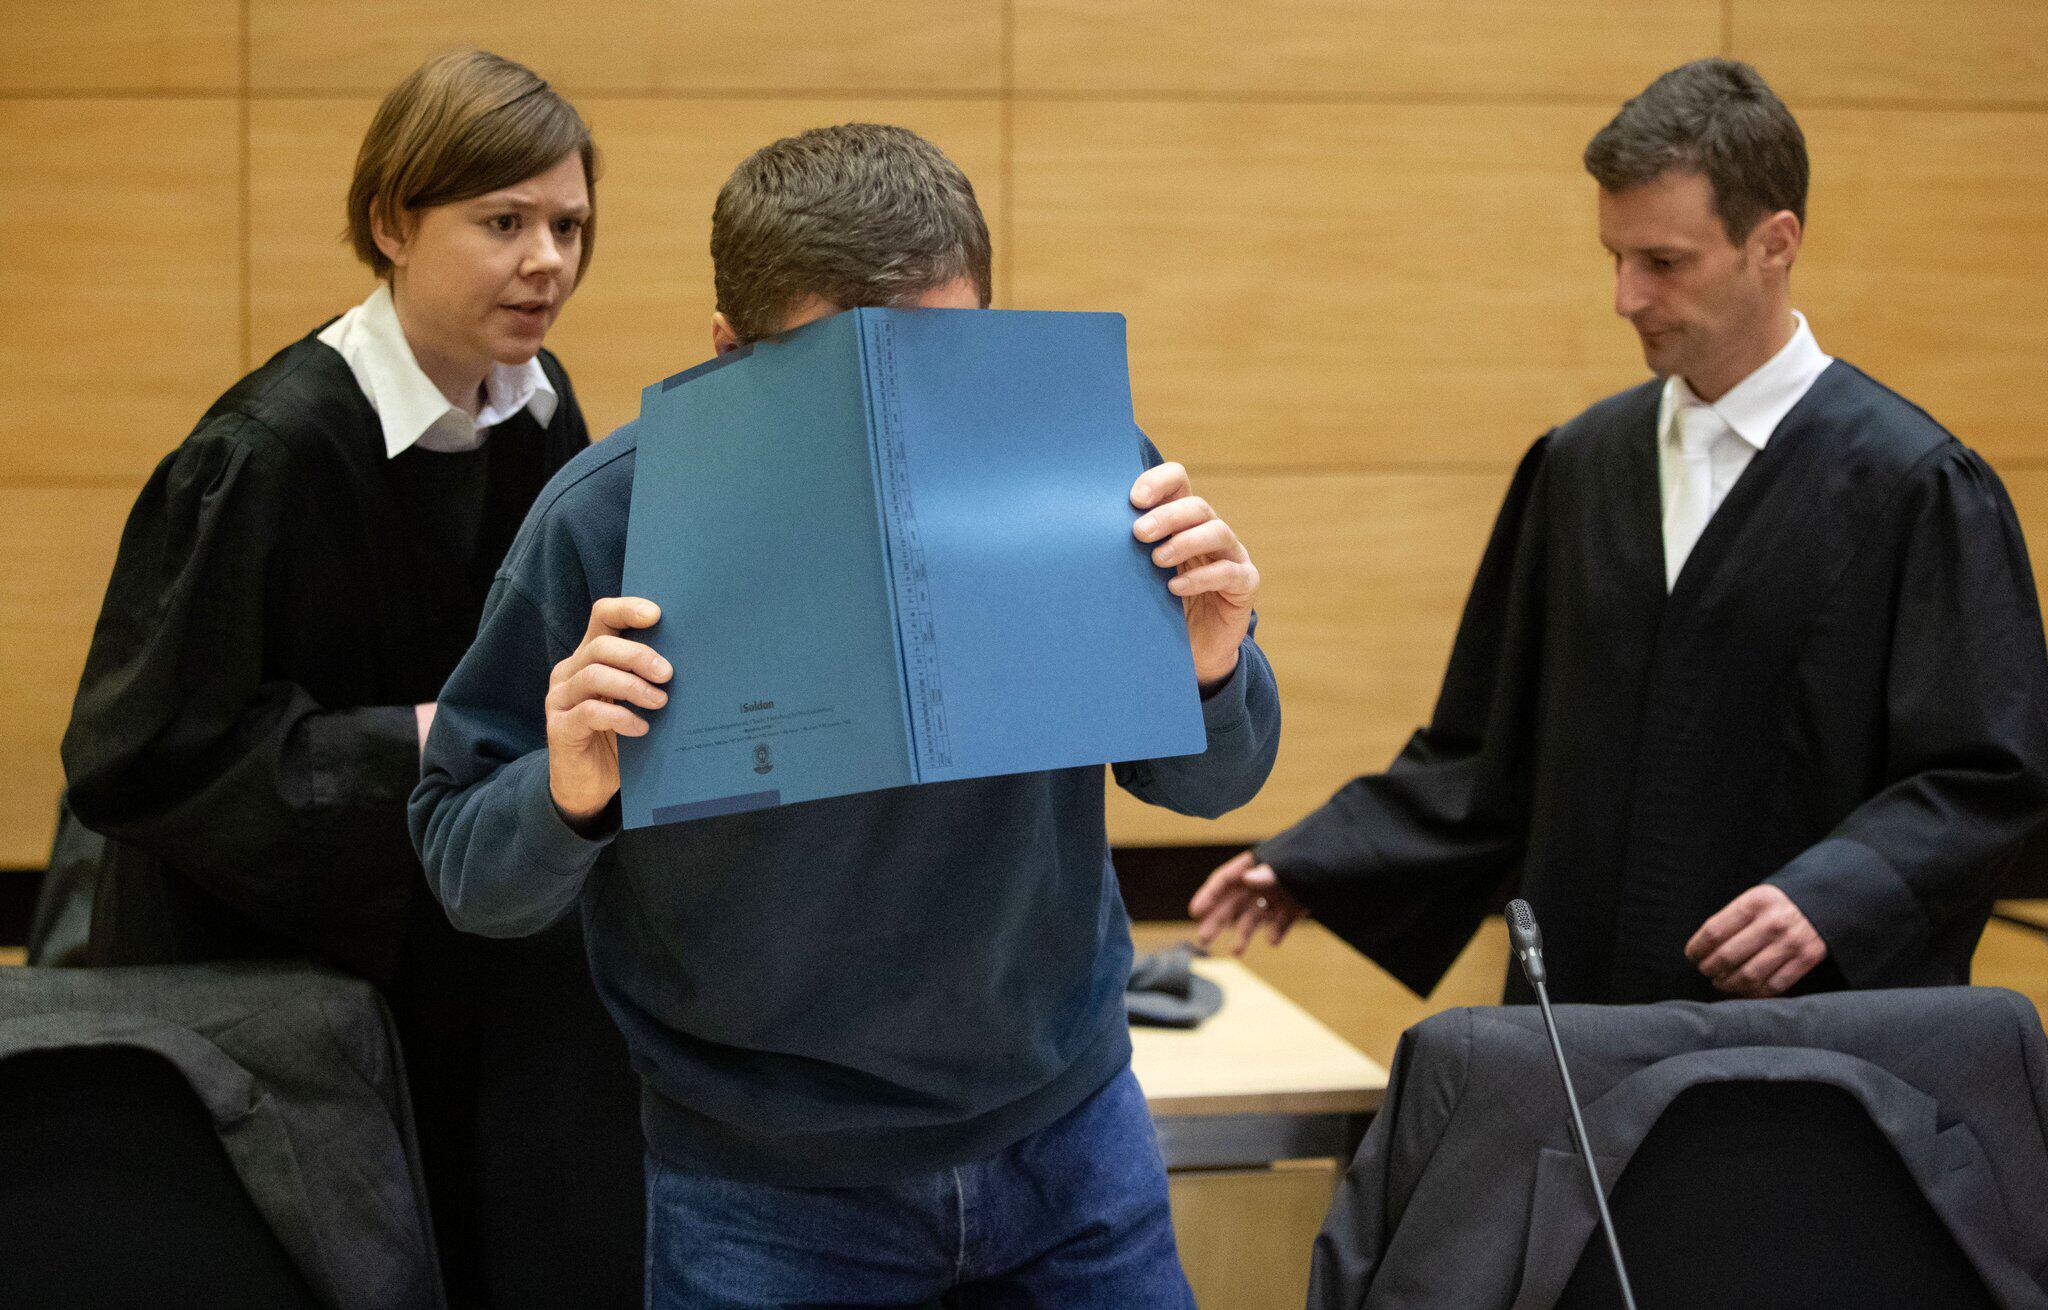 Bild zu Prozess um versuchten Mord mit vergifteten Pausenbroten